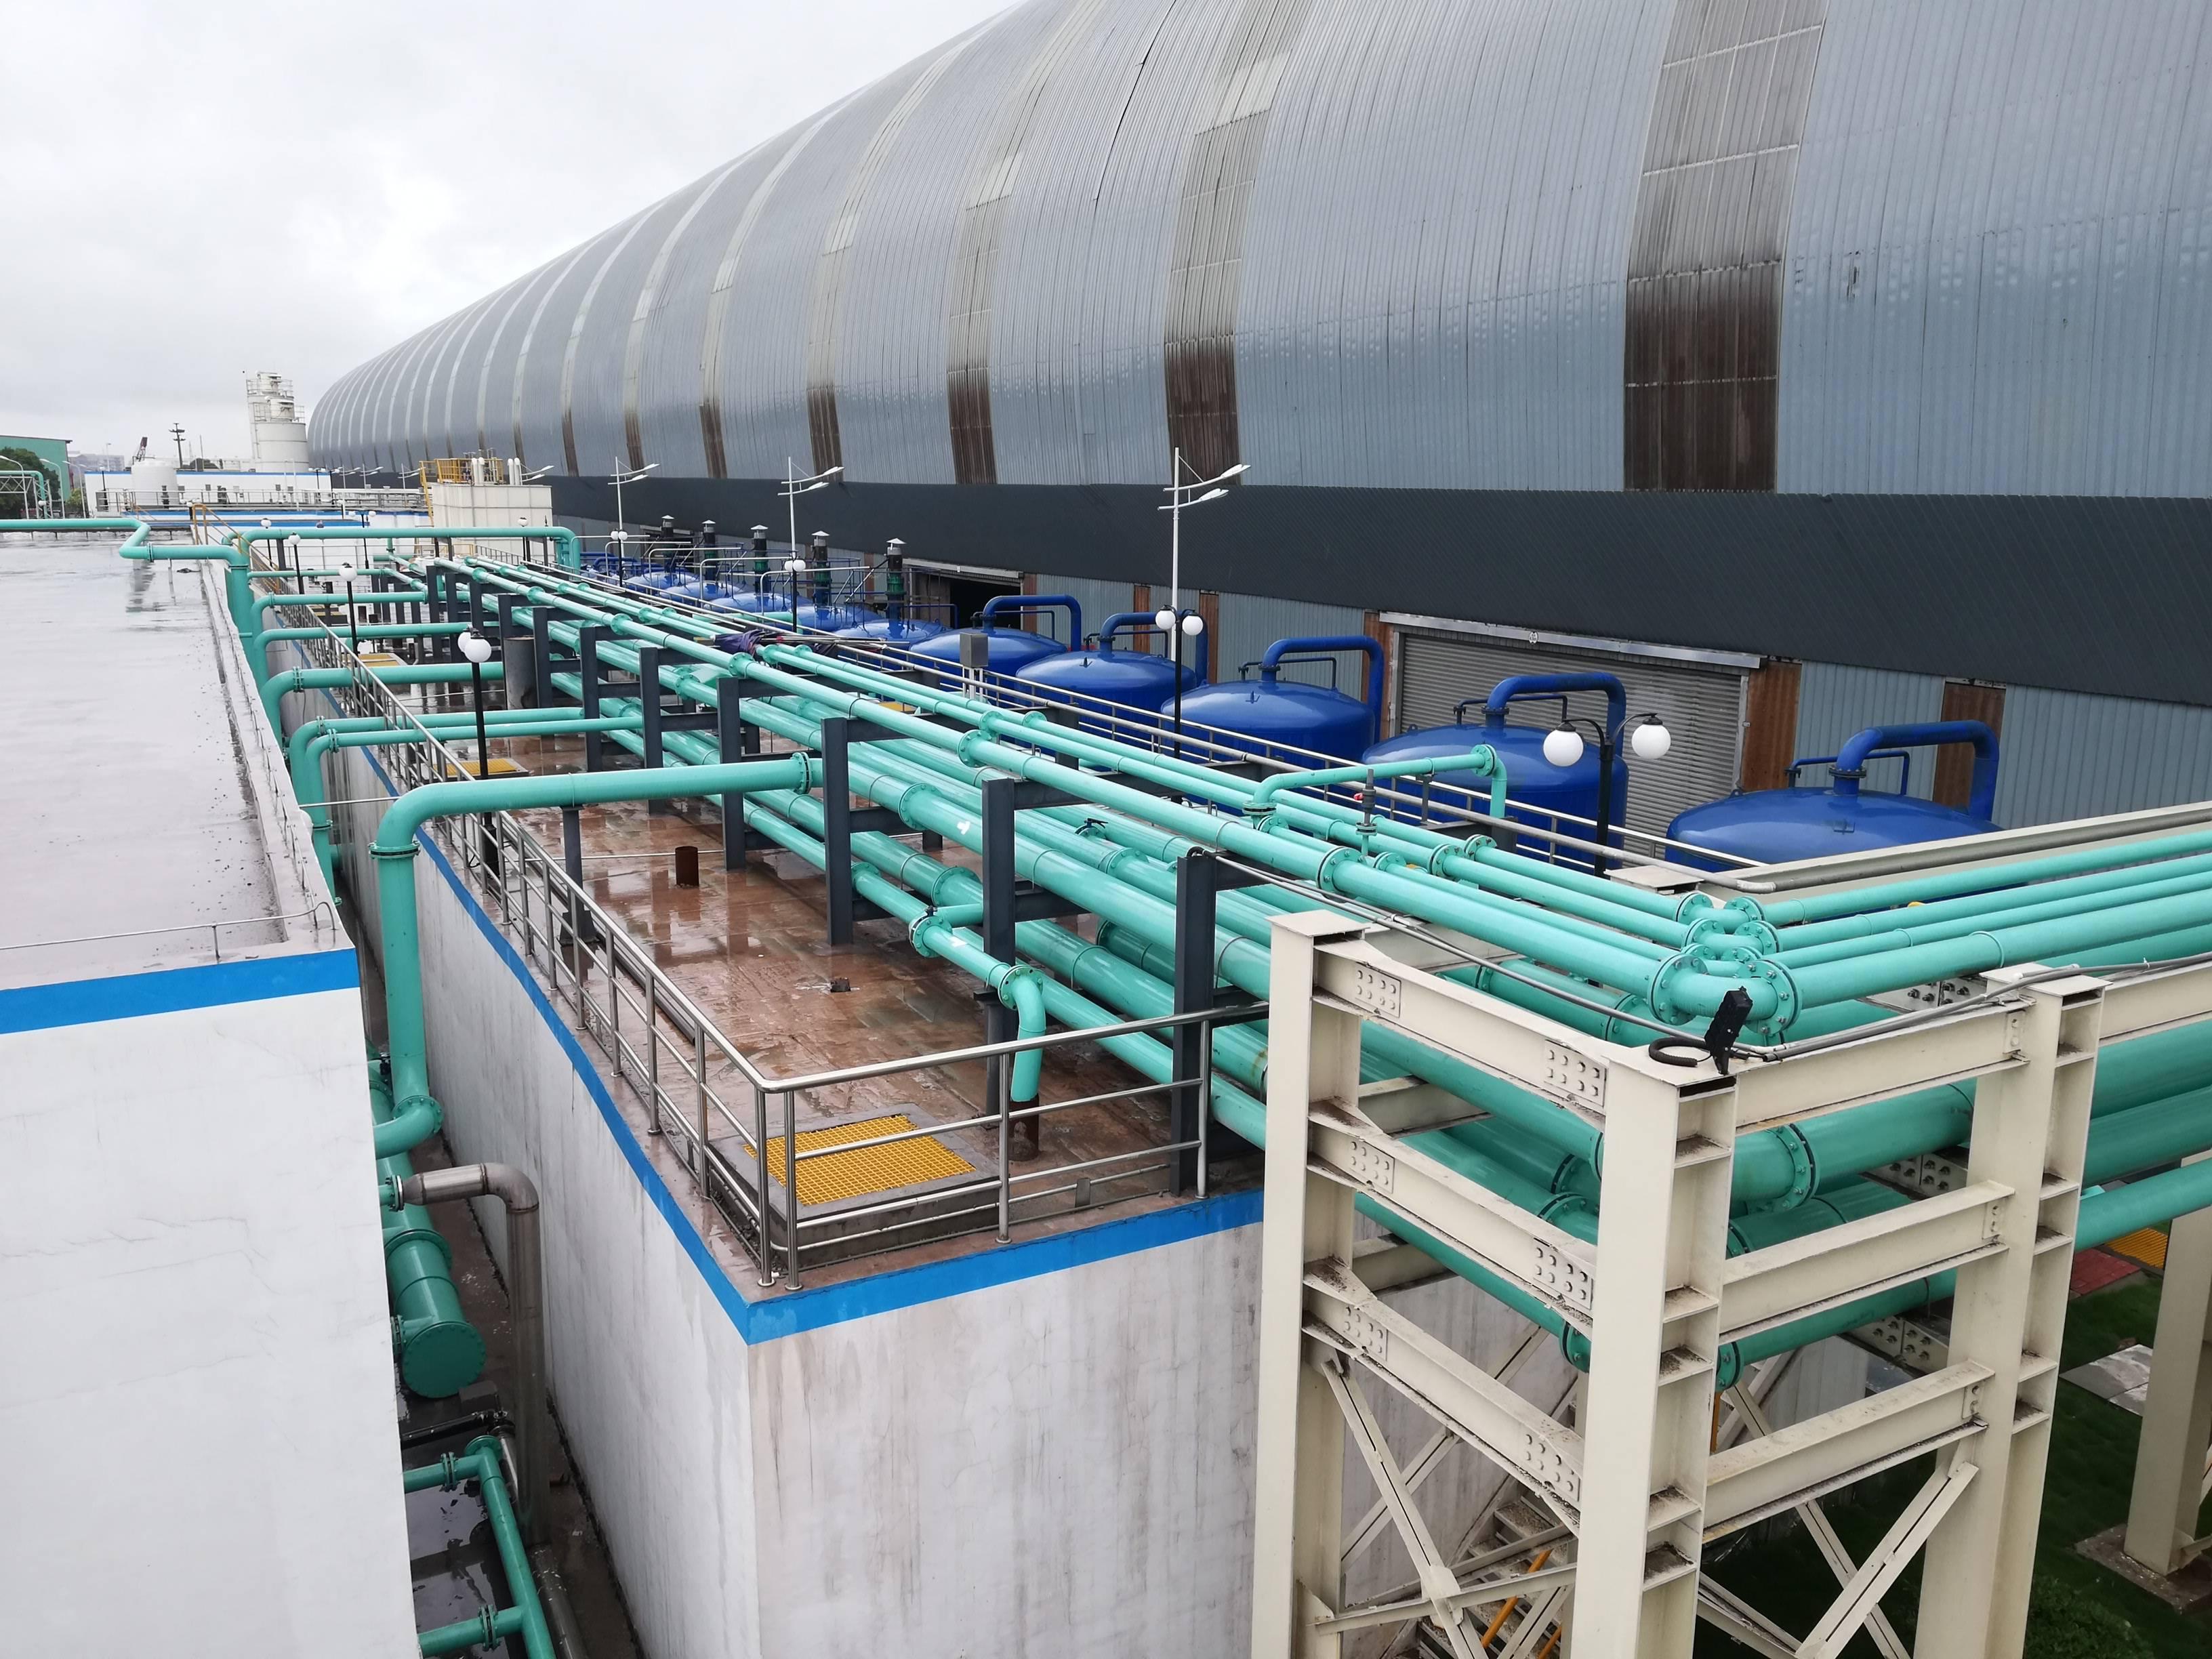 钢铁厂废水处理零排放——江苏申特钢铁有限公司生产废水处理设施项目